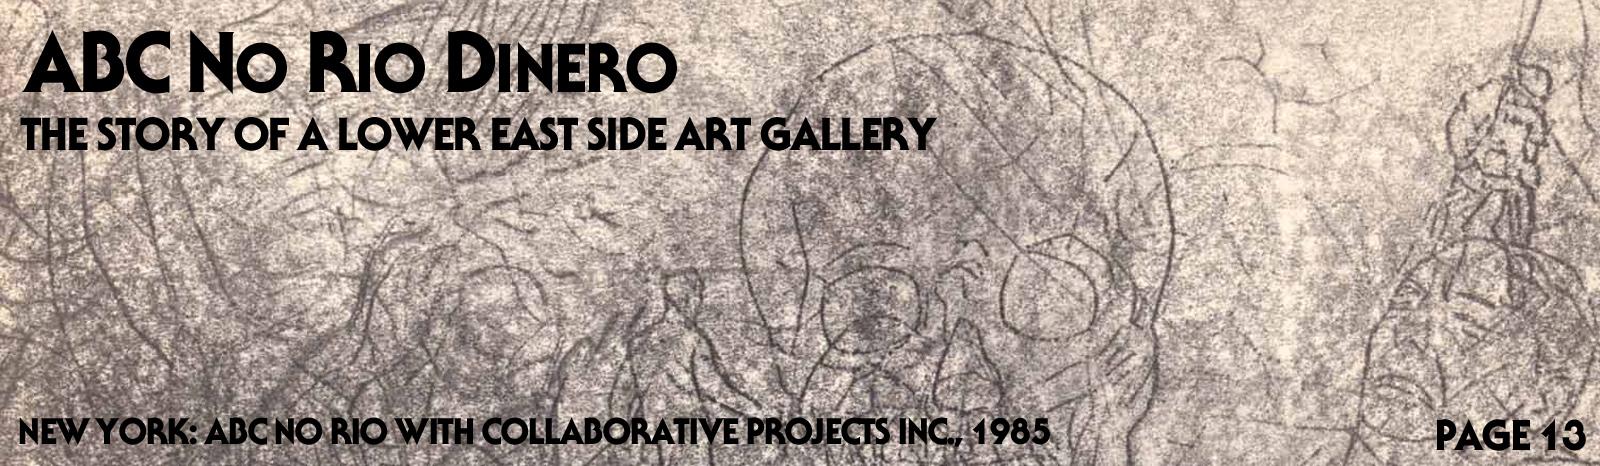 abc-no-rio-page-cover-13.jpg